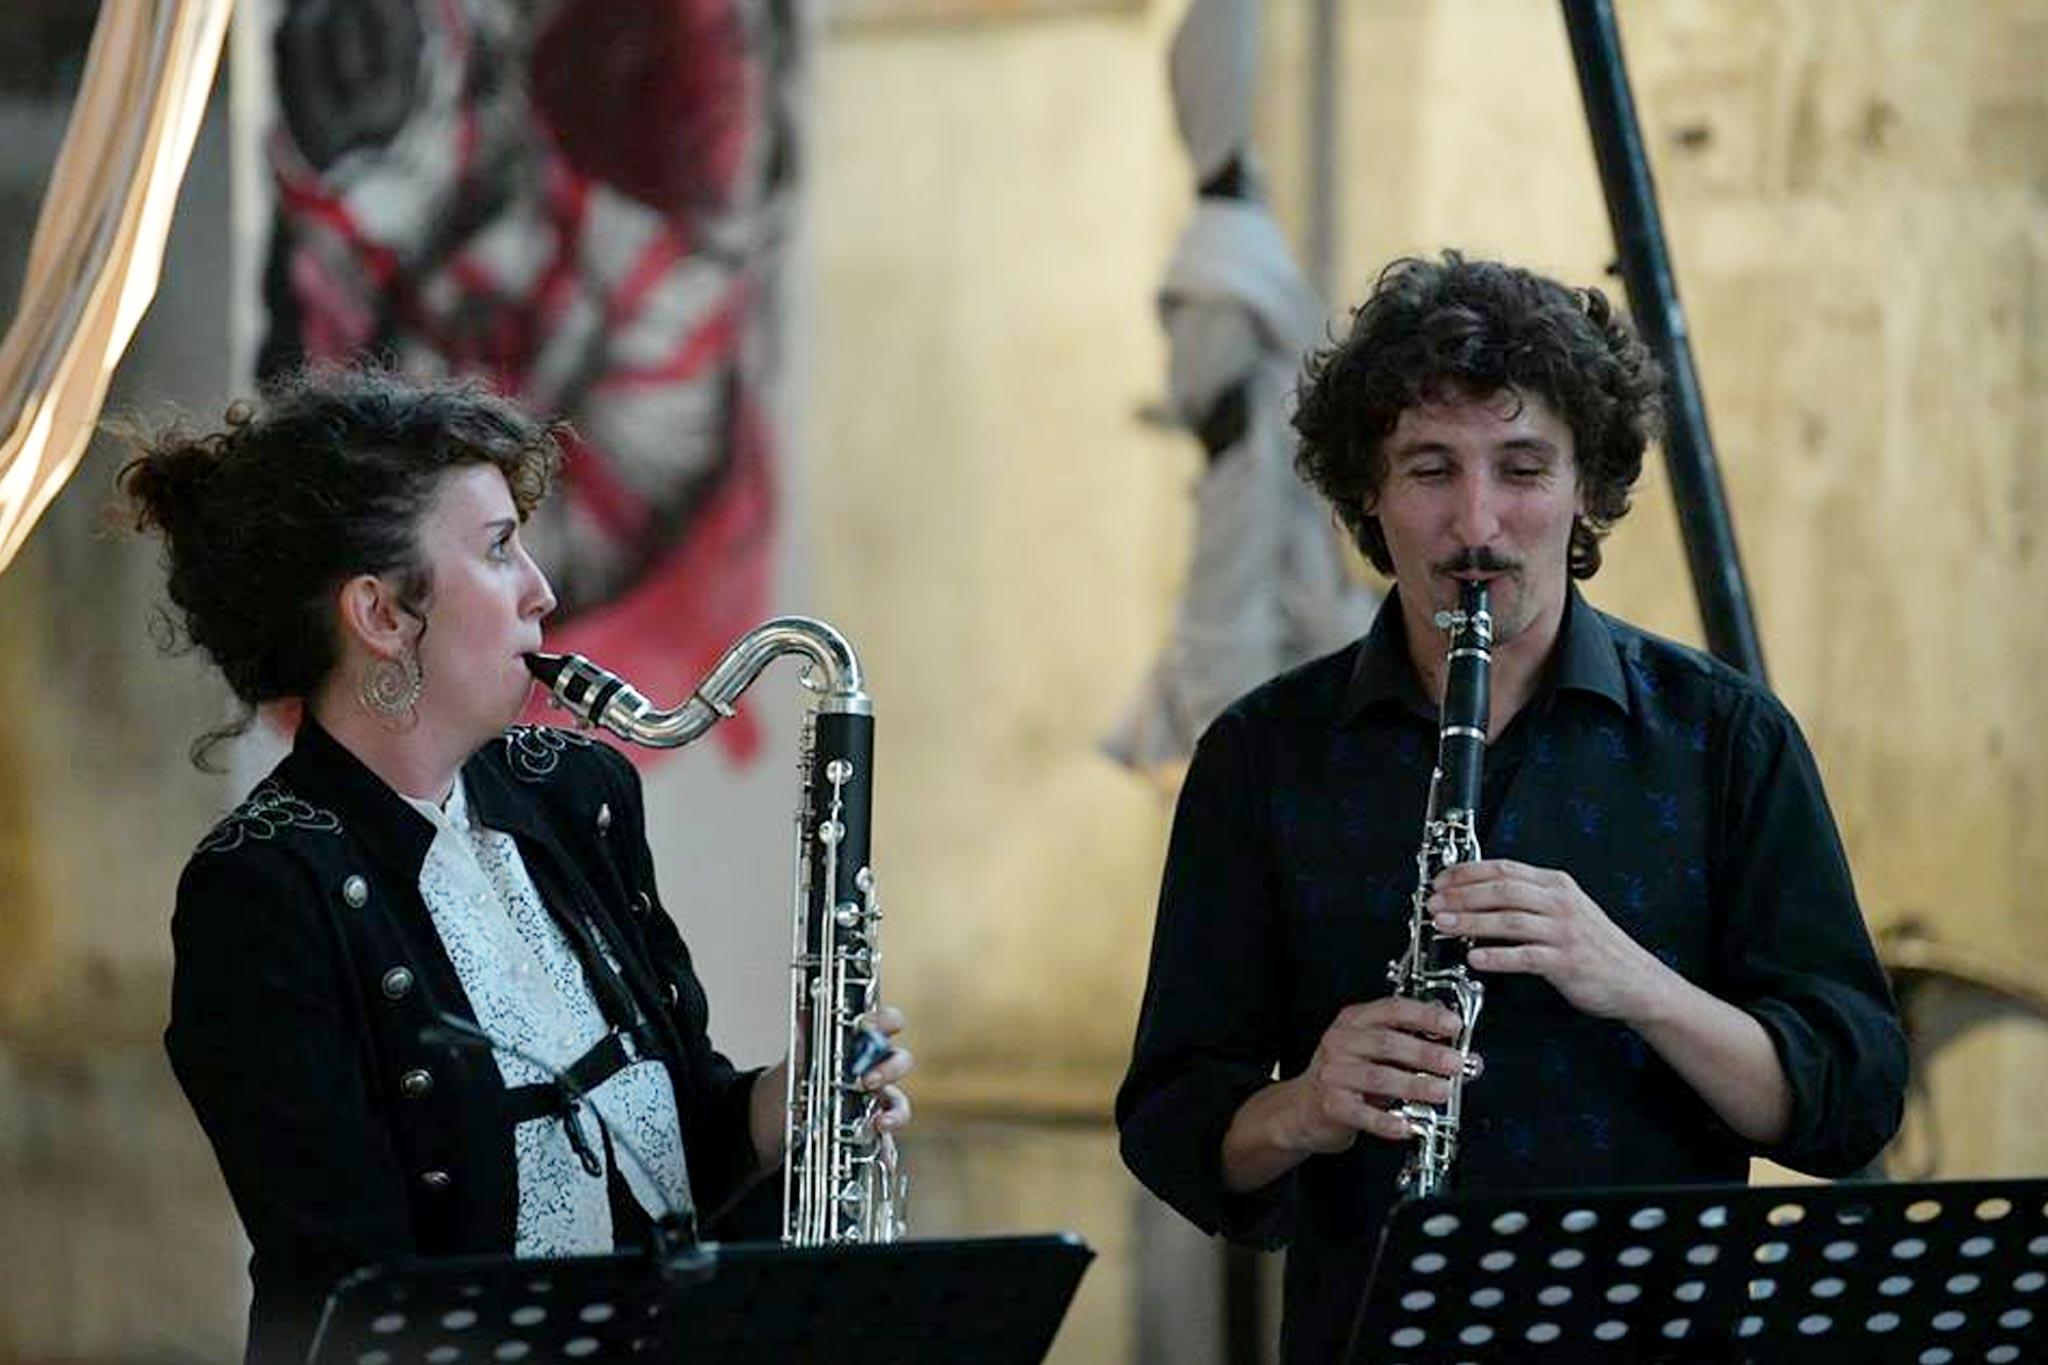 [Duo de clarinettes] Les Cauchemars du Chat mêlent compositions intimistes, musiques originales et arrangées et vous invitent à un moment suspendu, sur le fil et pourquoi pas hors du temps ? Quoi de mieux pour démarrer ce dimanche dans la douxeur et le bien-être ?